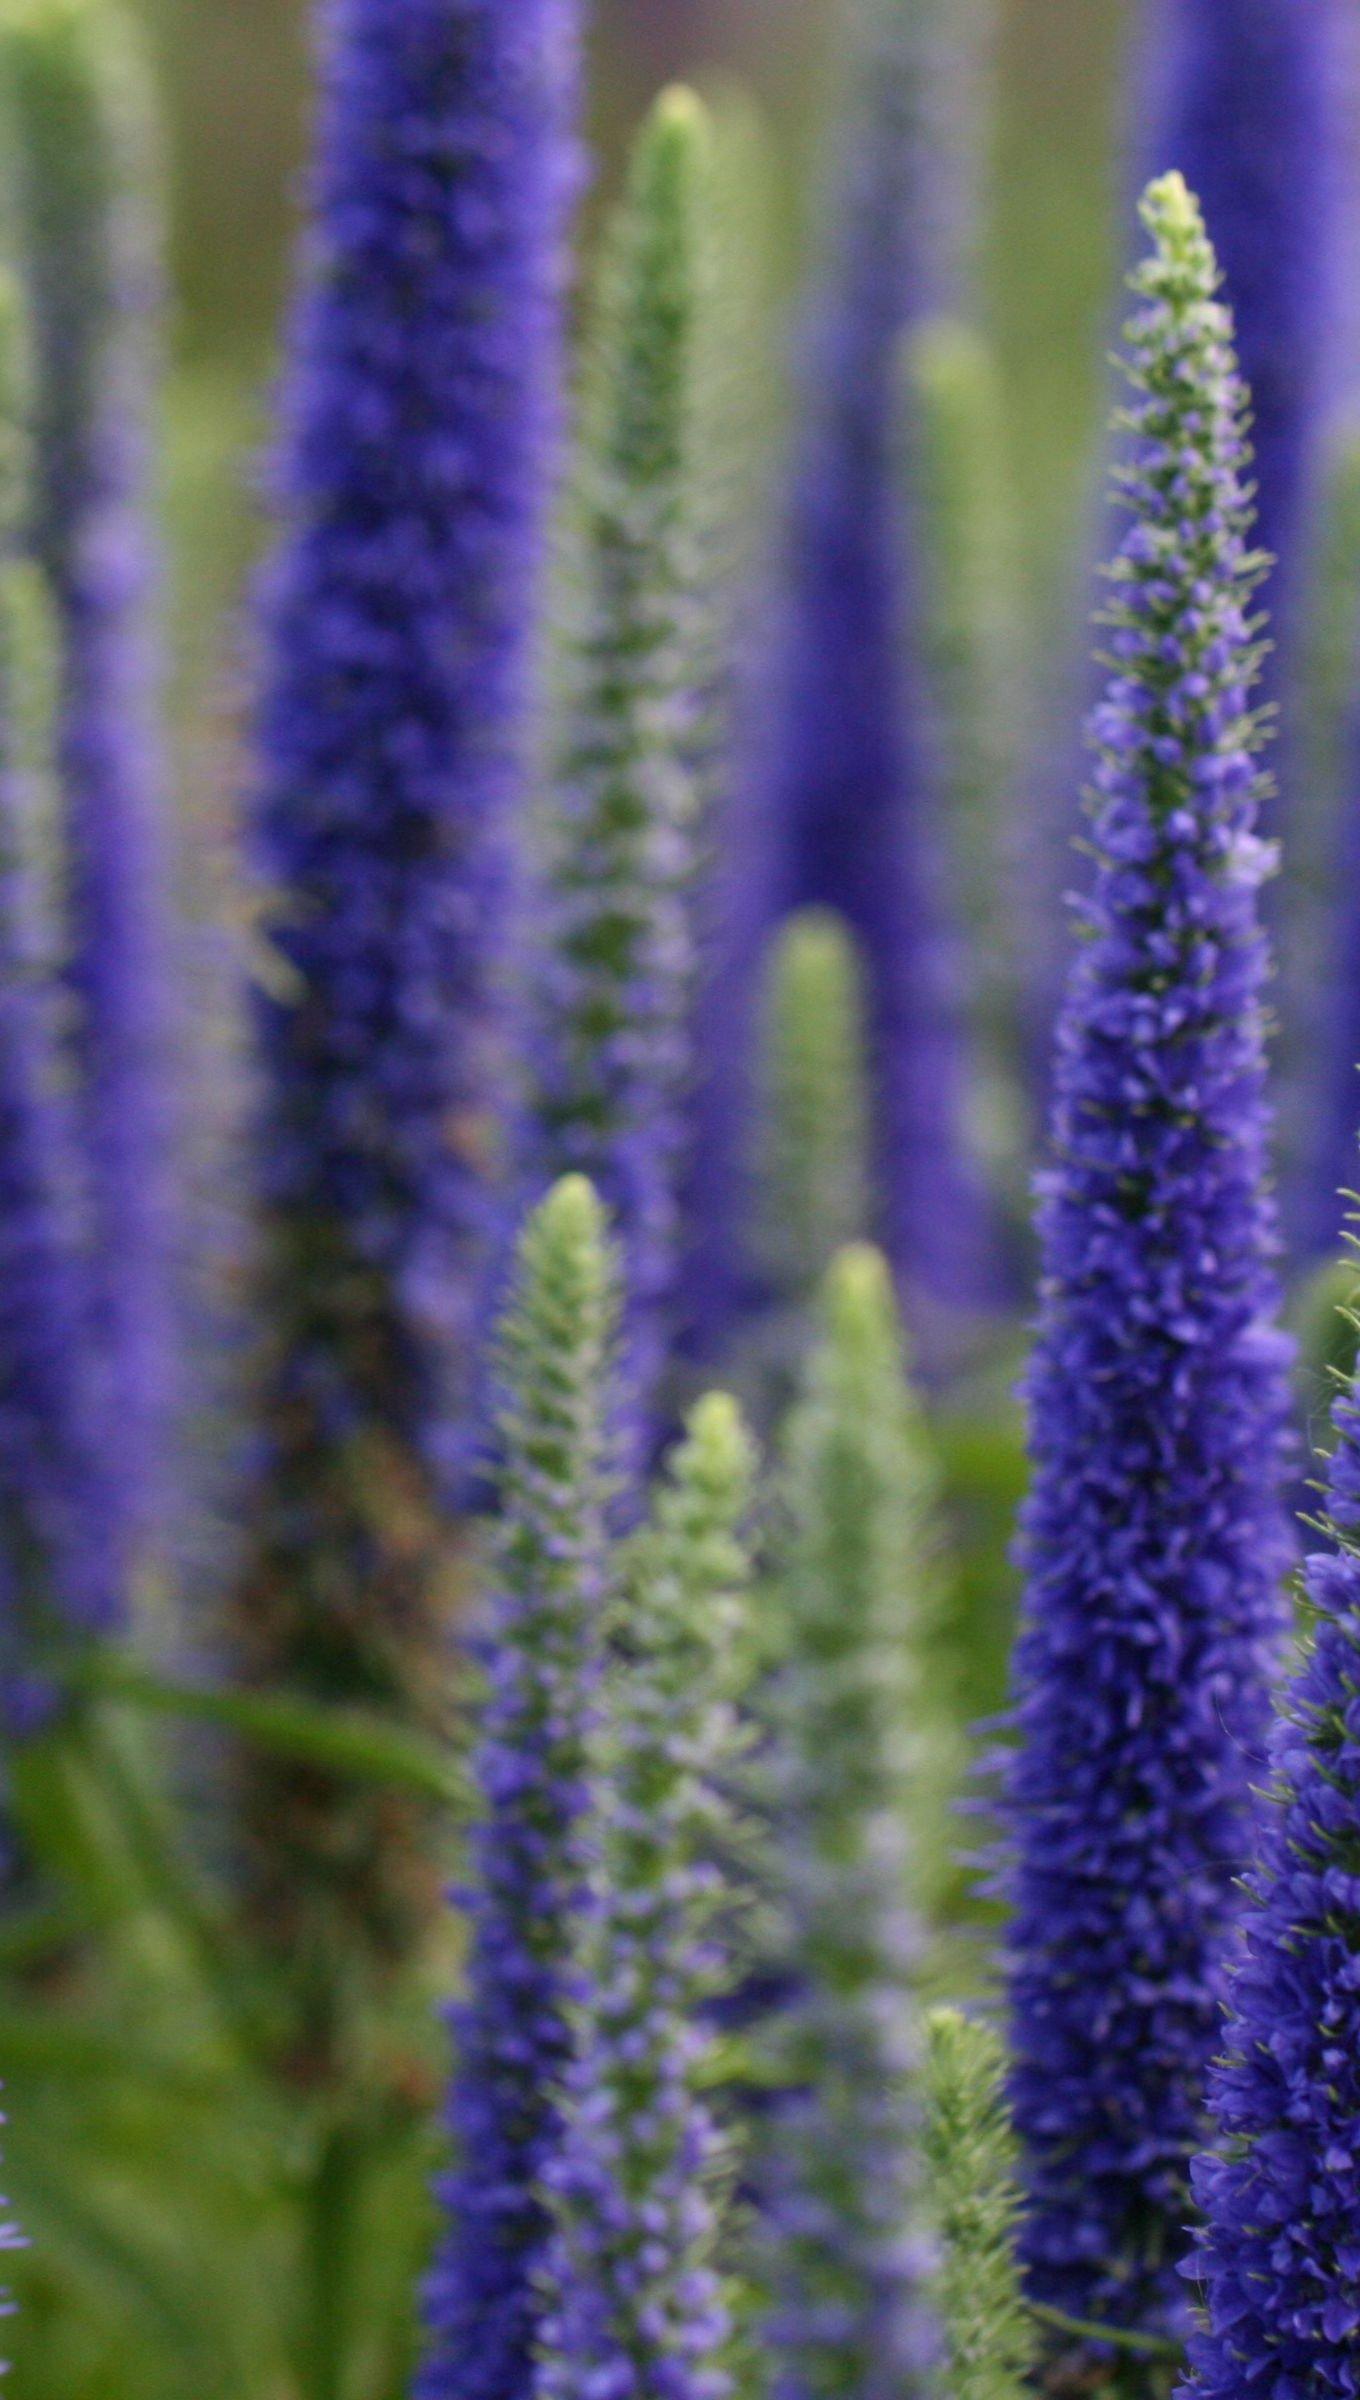 Wallpaper Lupine flowers in field Vertical